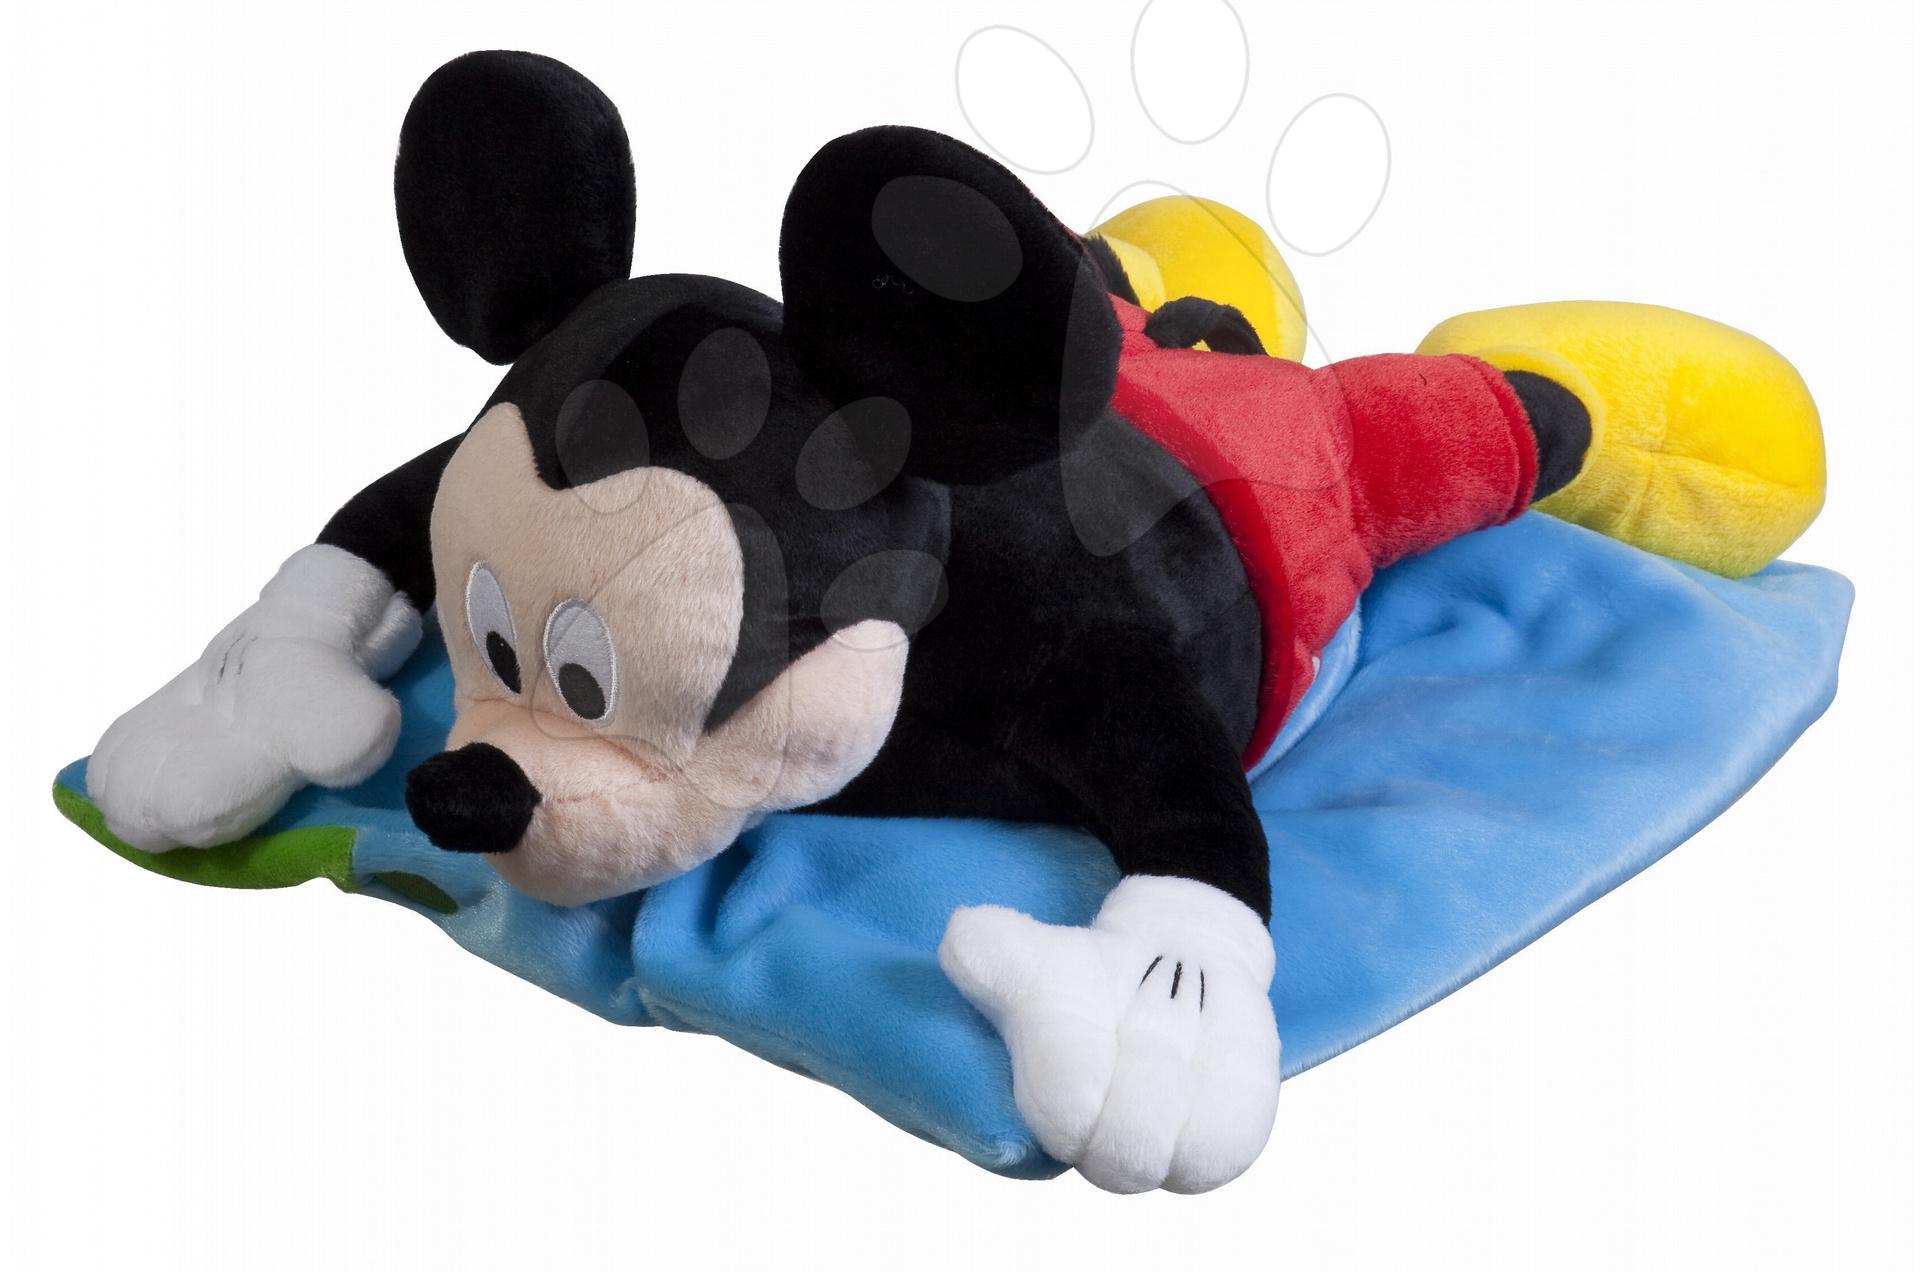 Plyšové postavičky - Vankúš Mickey Mouse 2v1 Ilanit